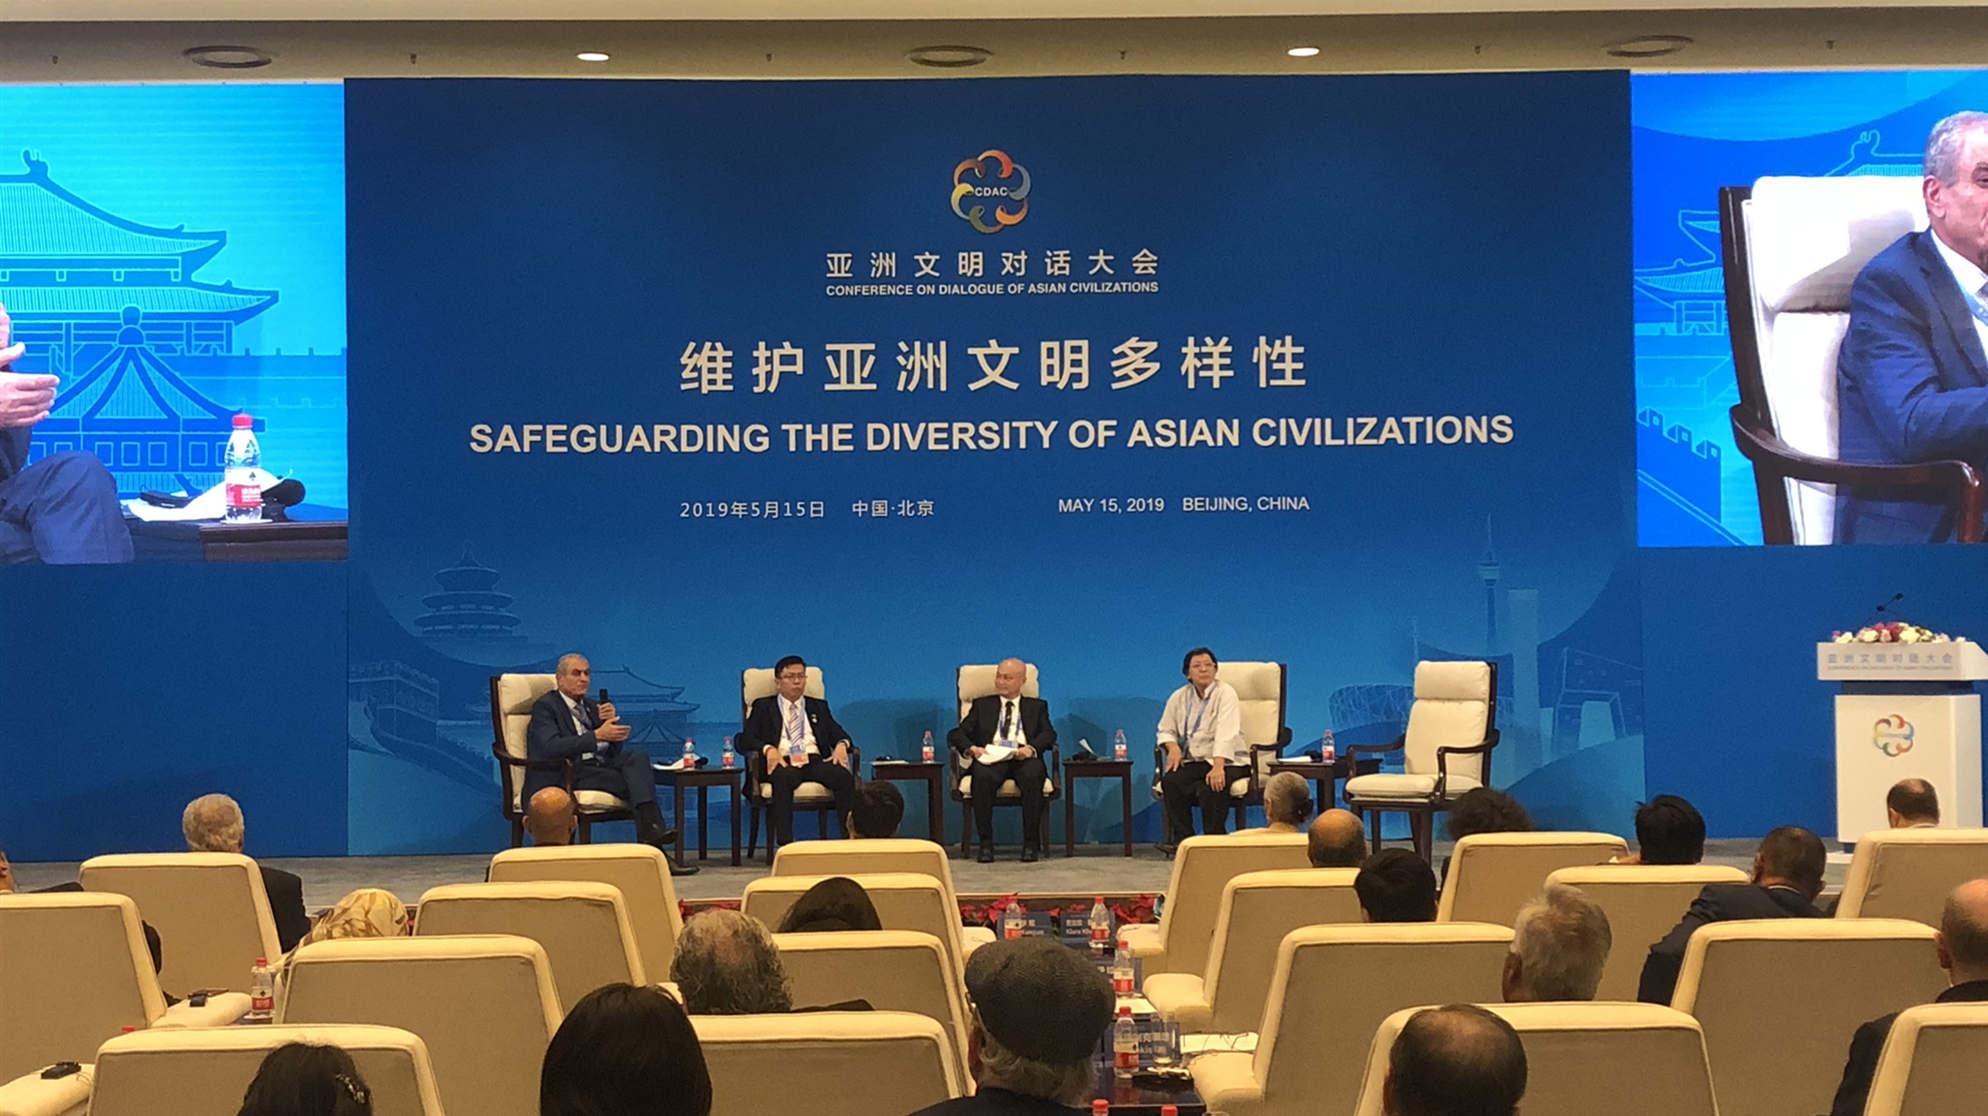 亚洲文明对话大会 |东西方学者纵看亚洲文明多样性